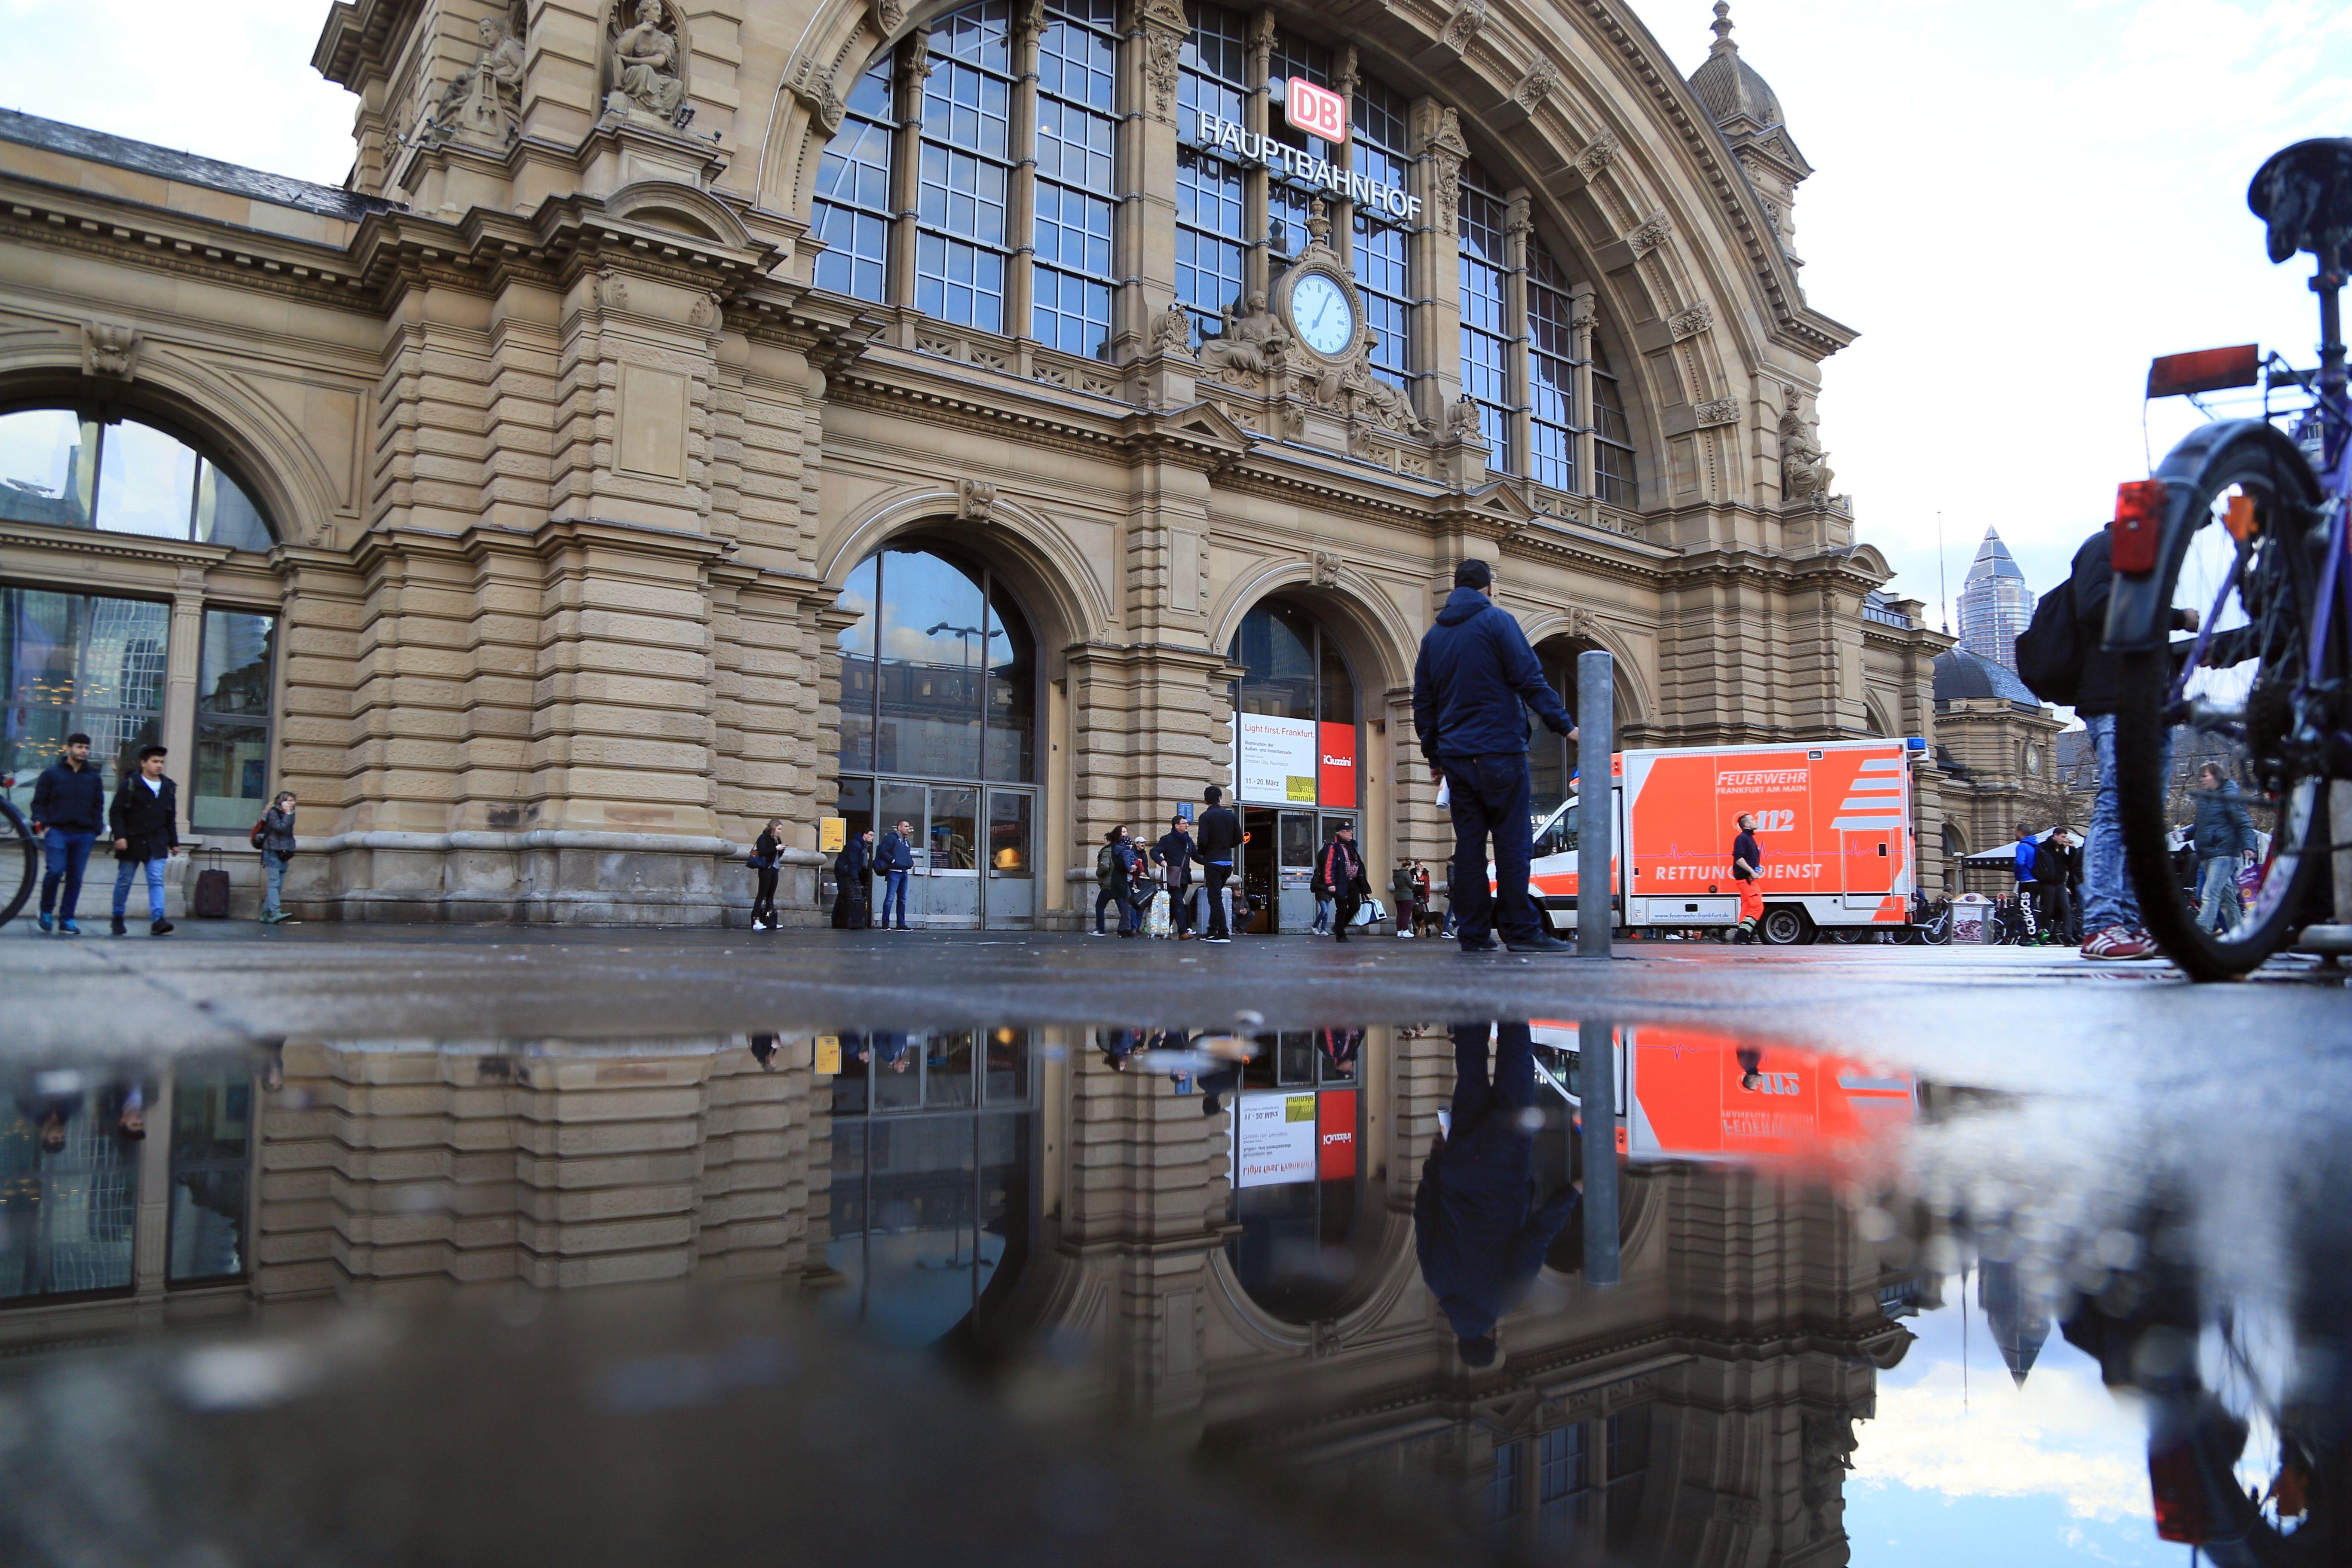 这无疑是我见过的最美丽的火车站。德国法兰克福中央火车站。几乎整个欧洲的火车站大多都是这个样子,唯独对法兰克福中央火车站,我是用足了心思将它作为风景一样去欣赏。这个欧洲最大最繁忙(之一)的火车站在建筑上是精雕细琢,毫不忽悠。典型的欧洲文艺复兴的哥特式建筑,使得它在整个欧式街道中一眼识出, 月台很宽,有座椅还有买报亭,甚至是有汉堡咖啡店。